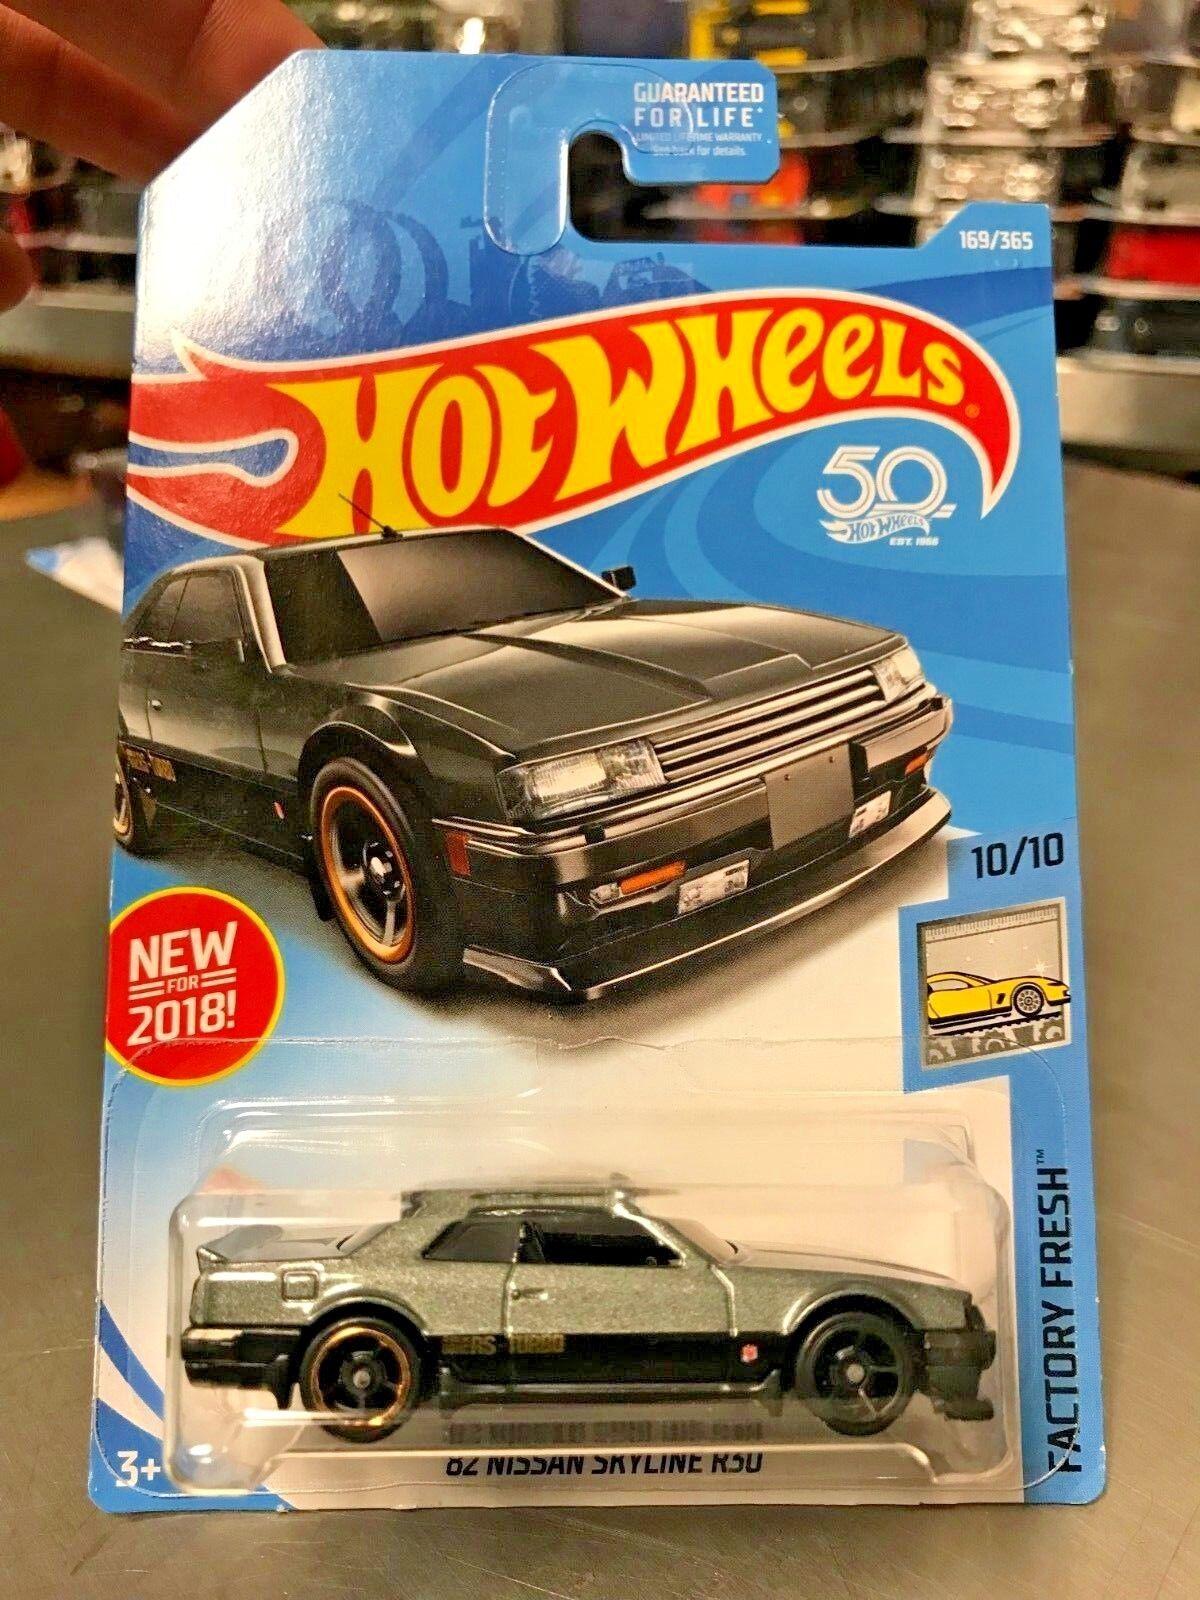 Error de Rueda de fábrica rara 2018 Hot Wheels'82 Nissan Skyline R30 muy difícil de encontrar variación